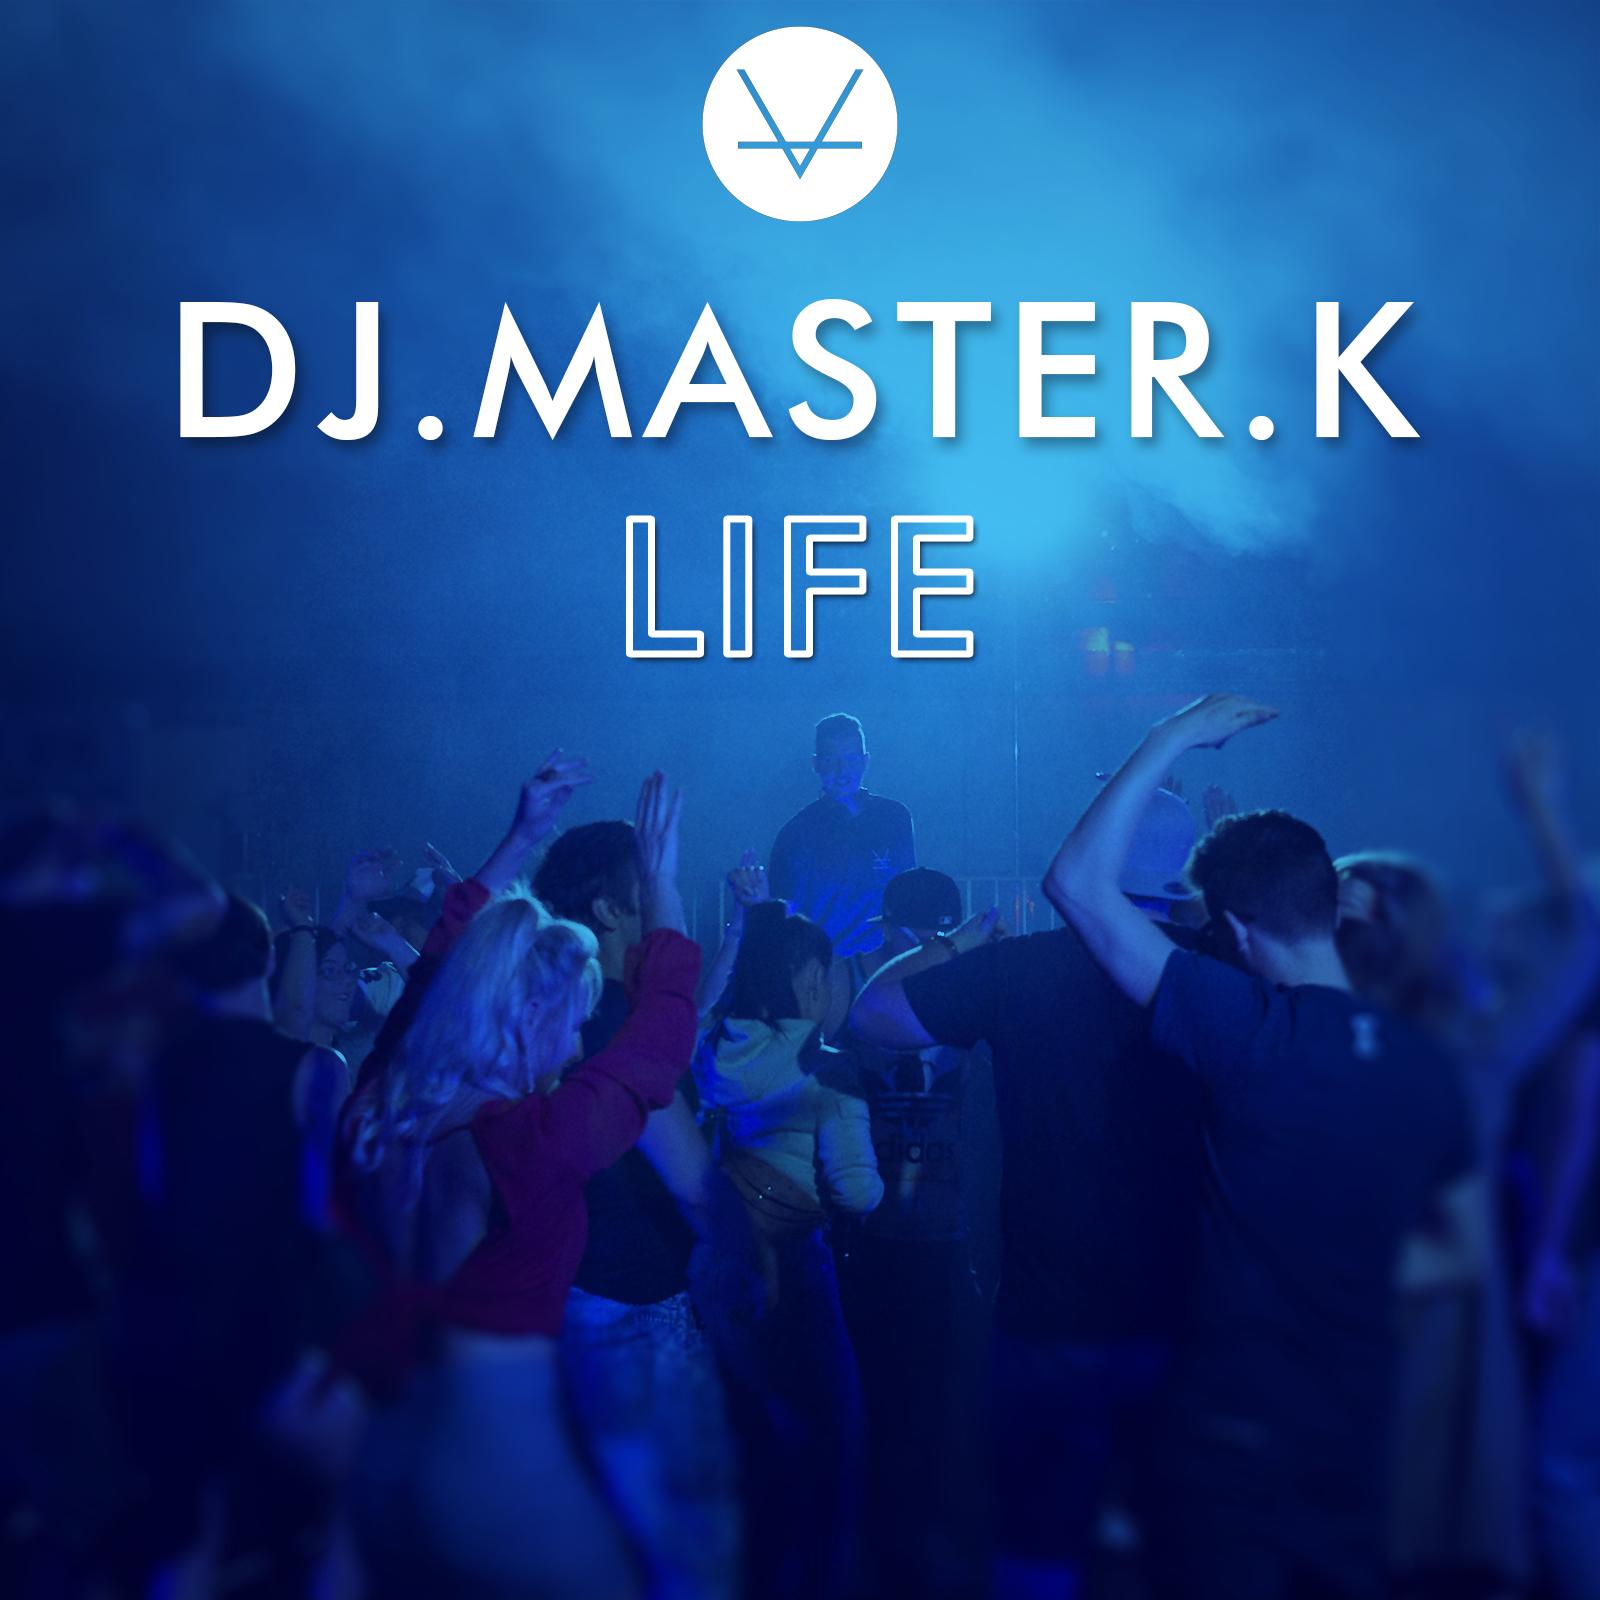 djmasterk-life_cover